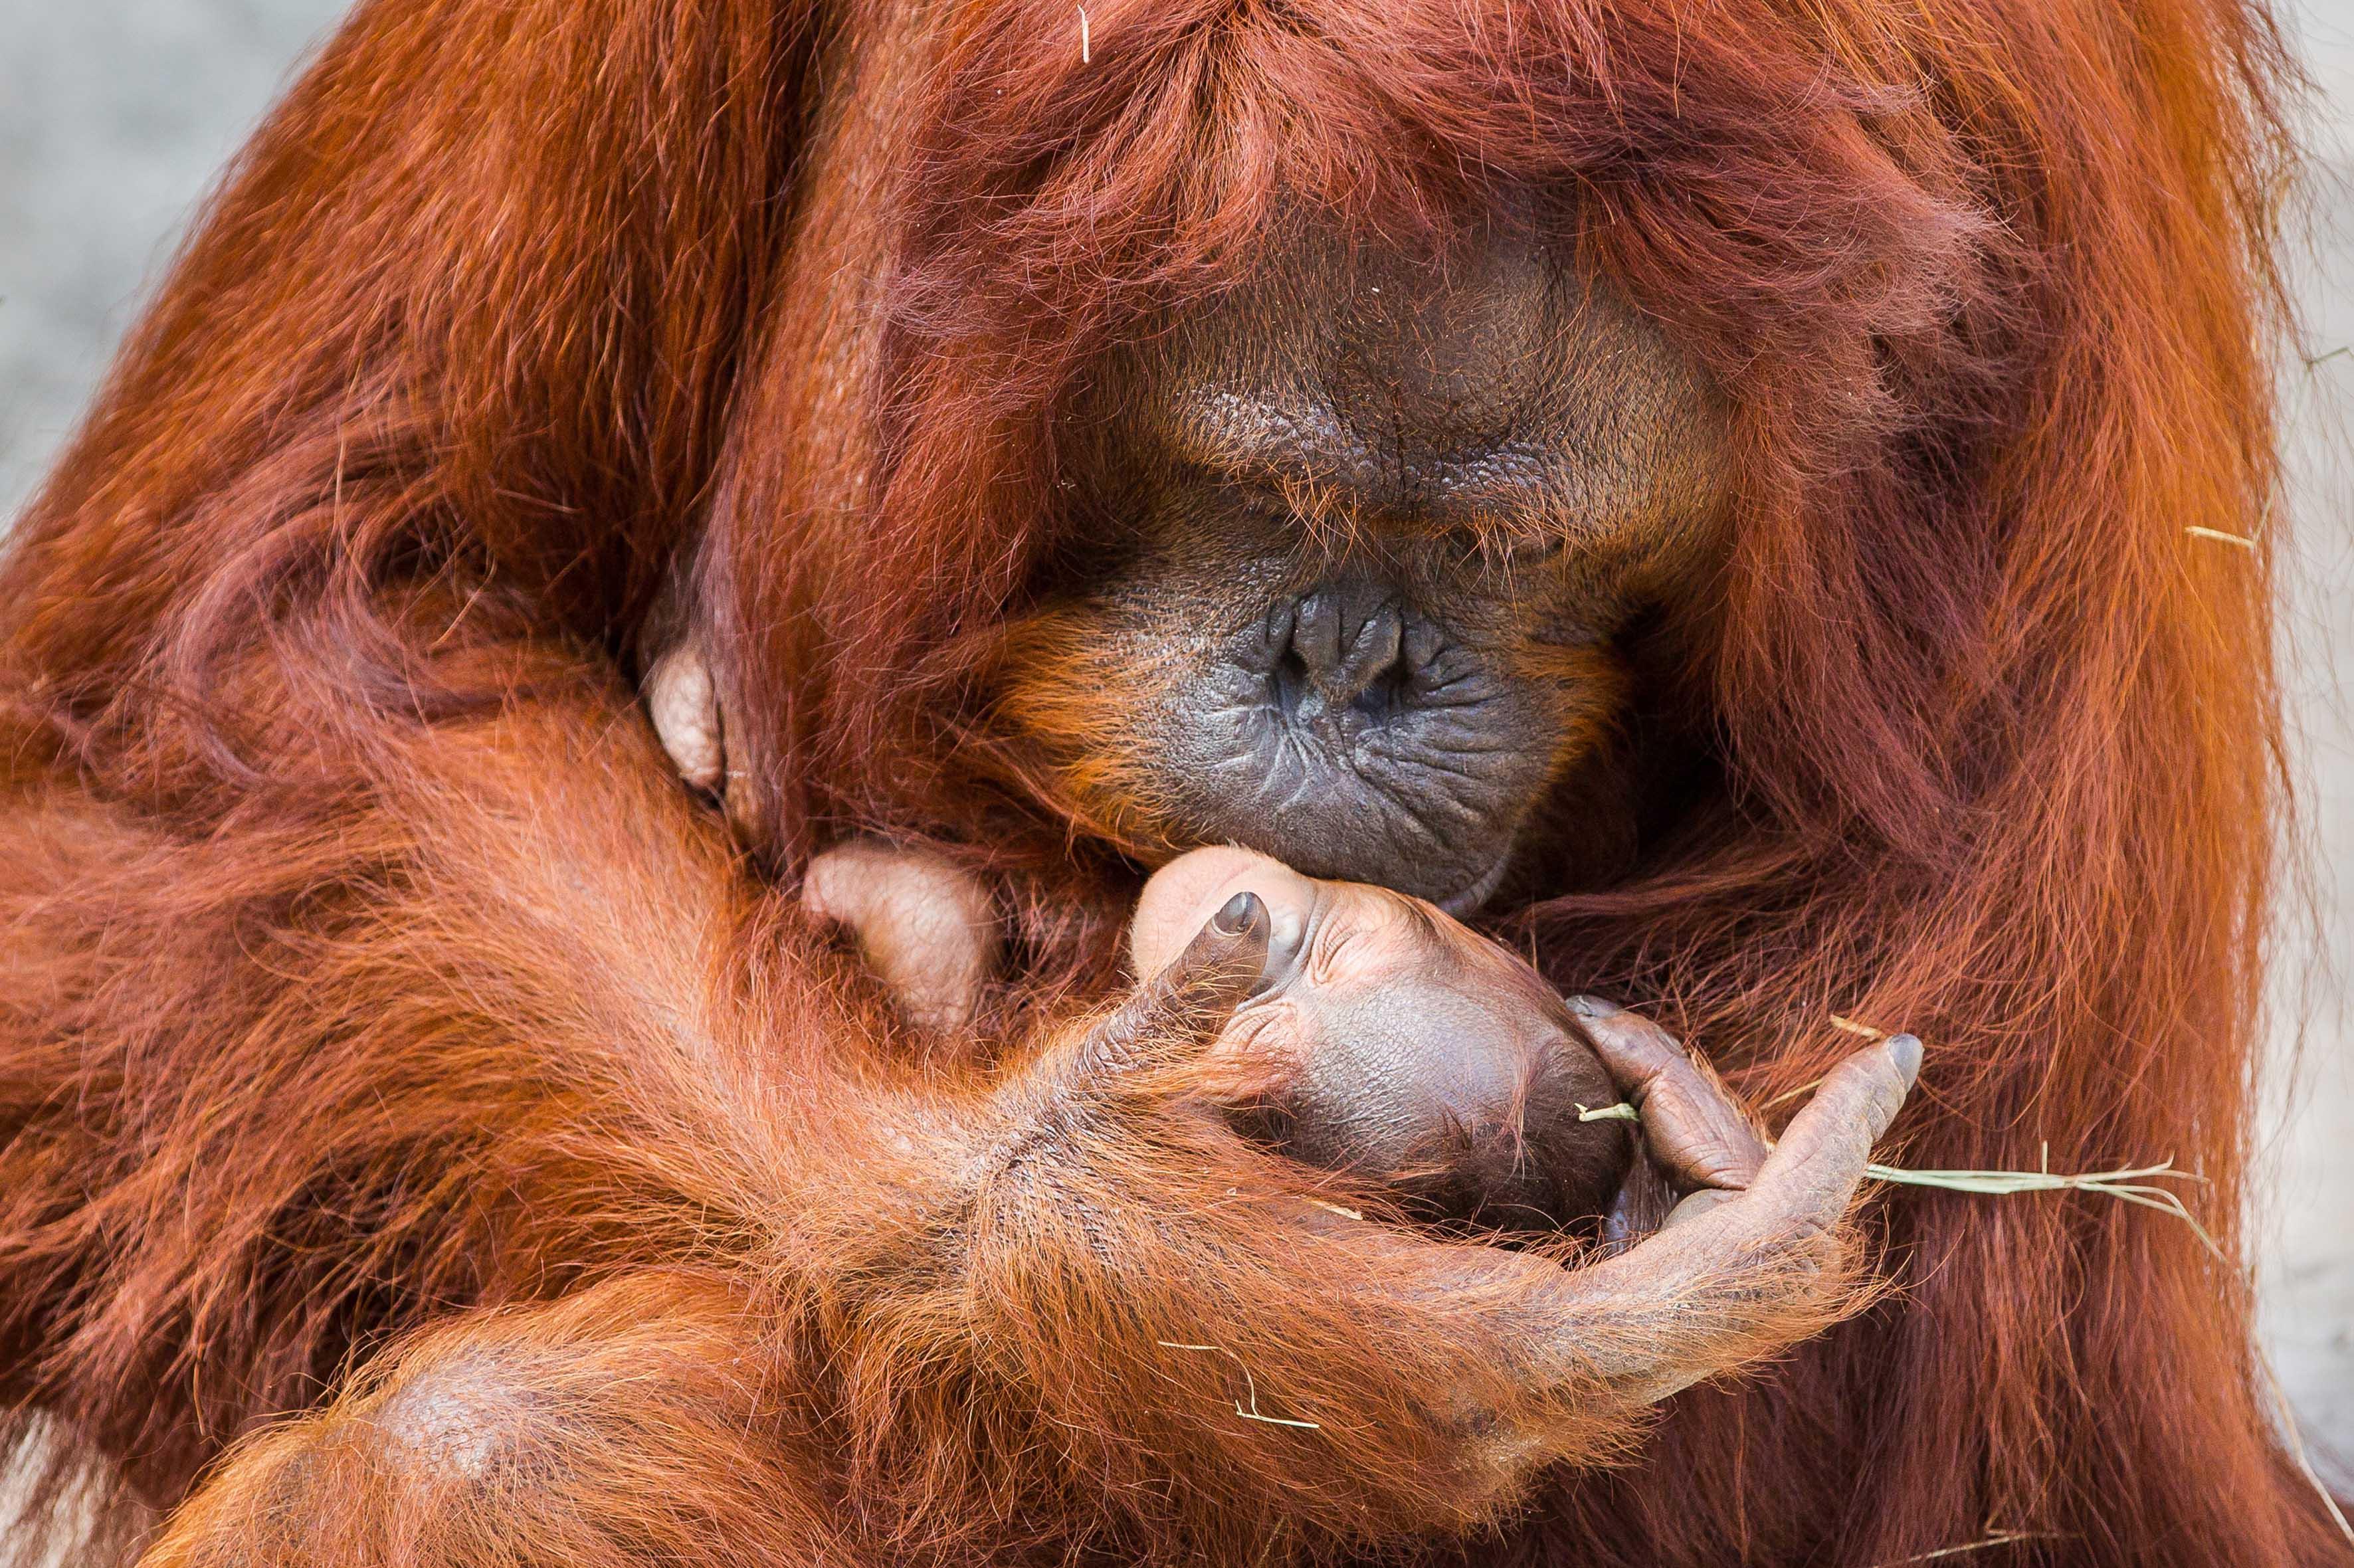 Florida, nato allo zoo di Tampa raro esemplare di orango